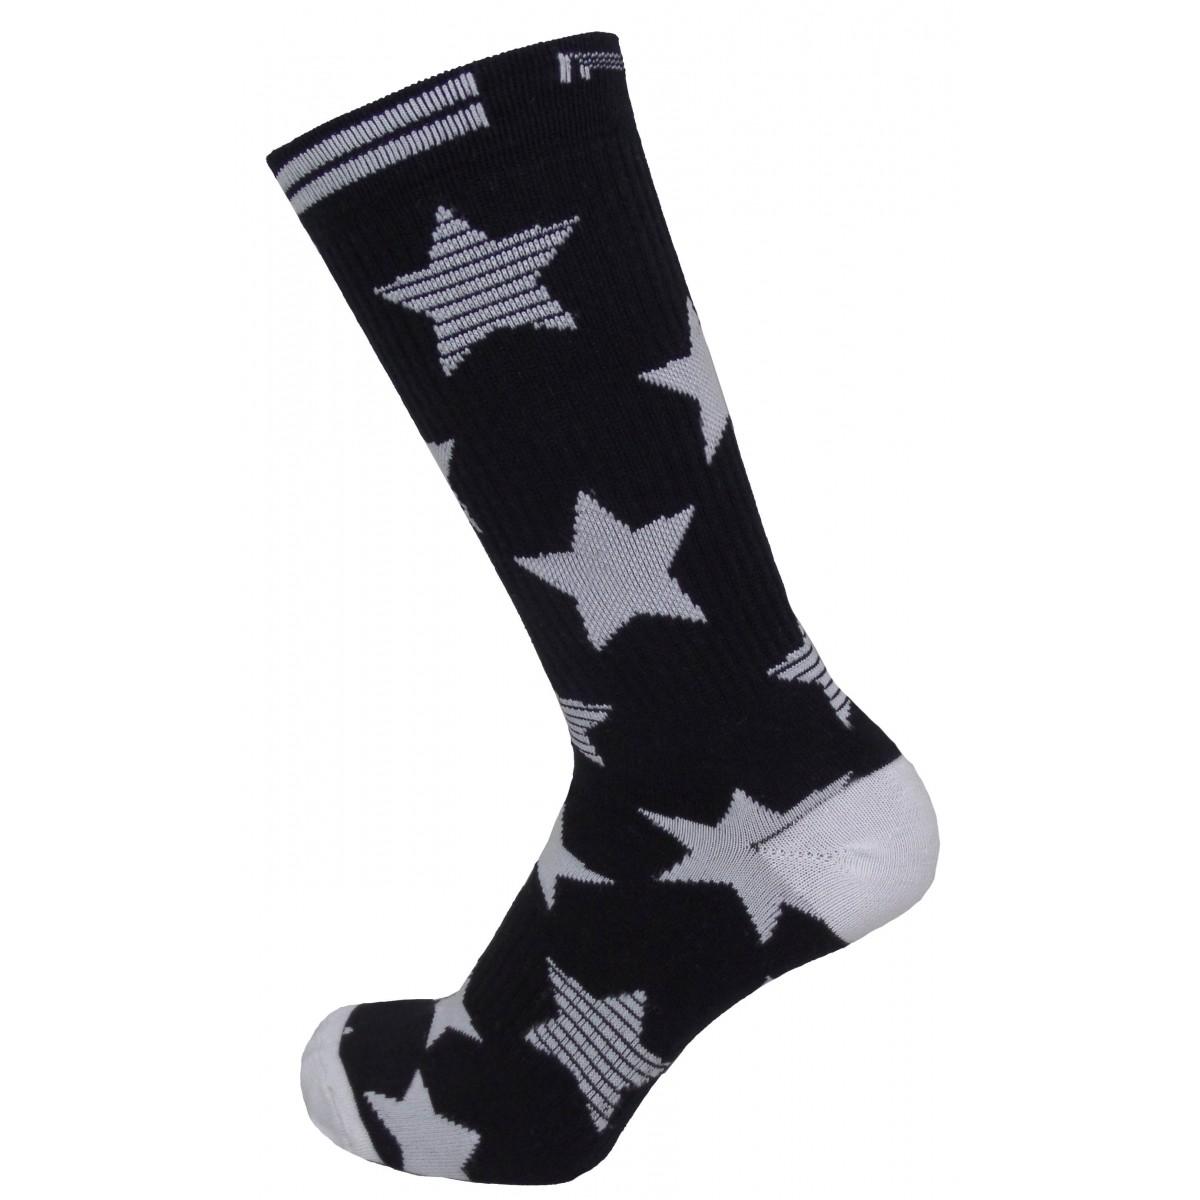 Par de meia cano médio fashion - Superstar preto e branco